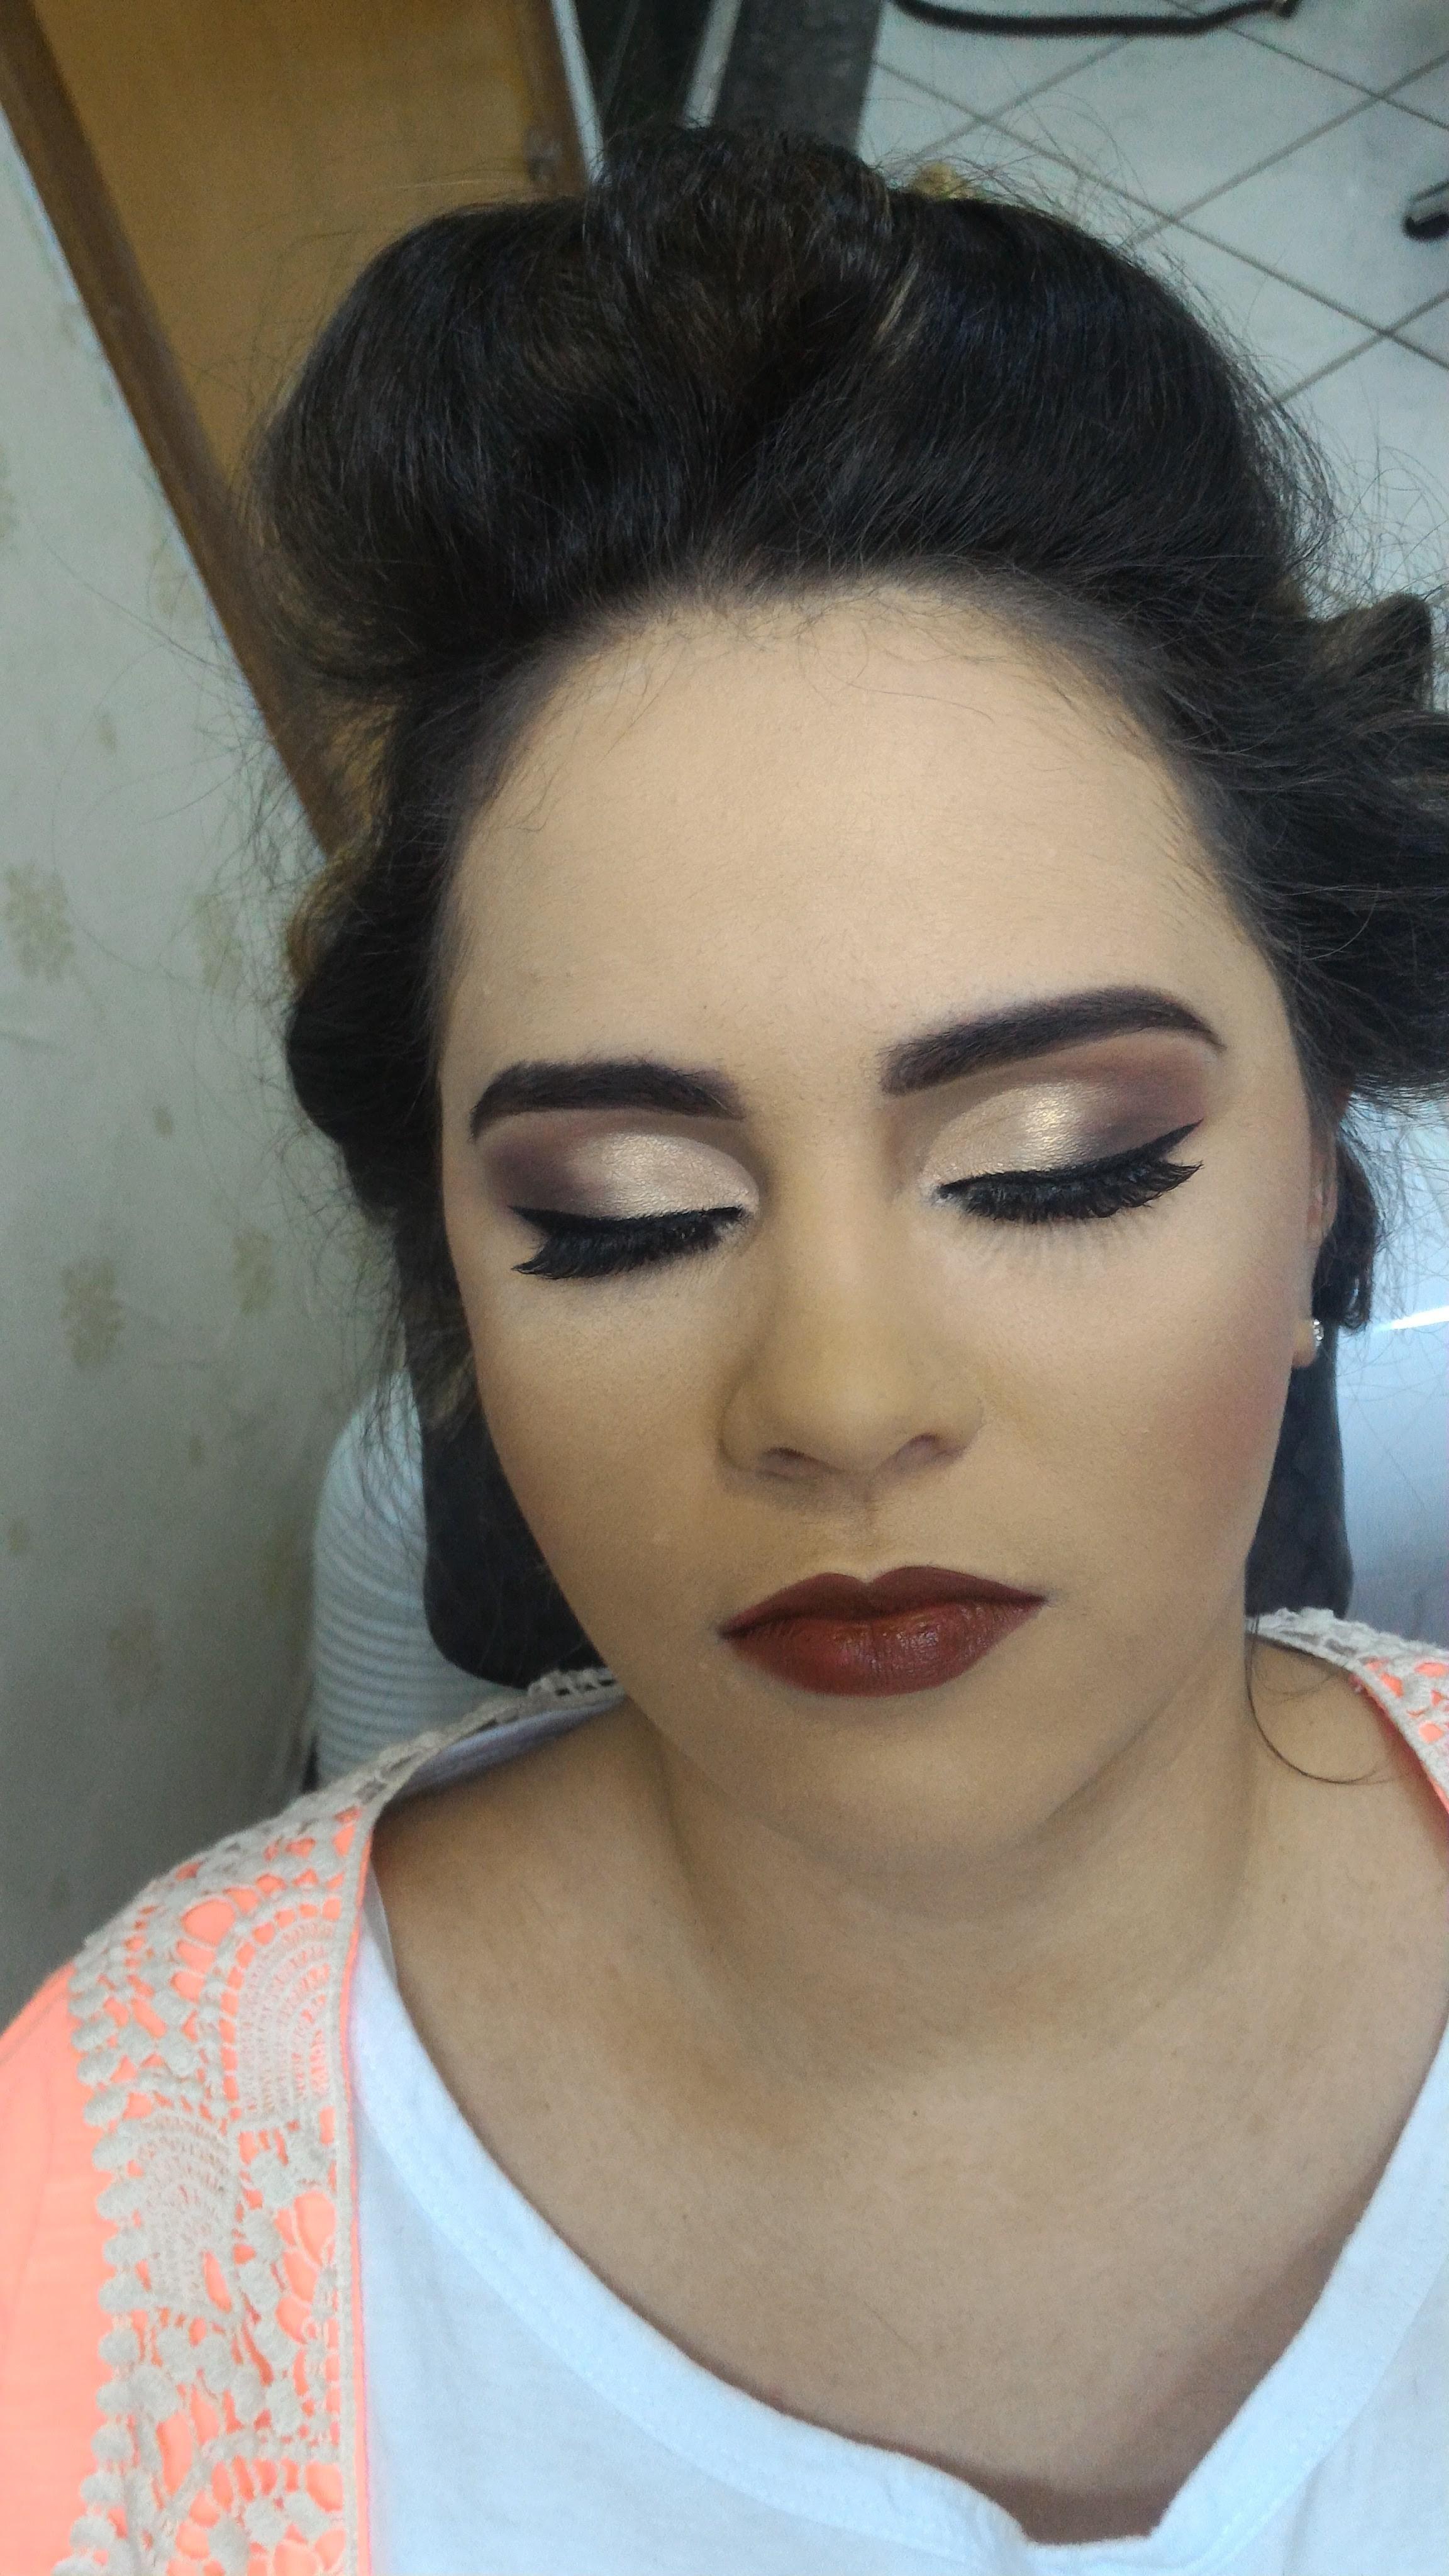 Cliente linda #cliente #madrinha #noivas #goiânia #gyn maquiagem maquiador(a)